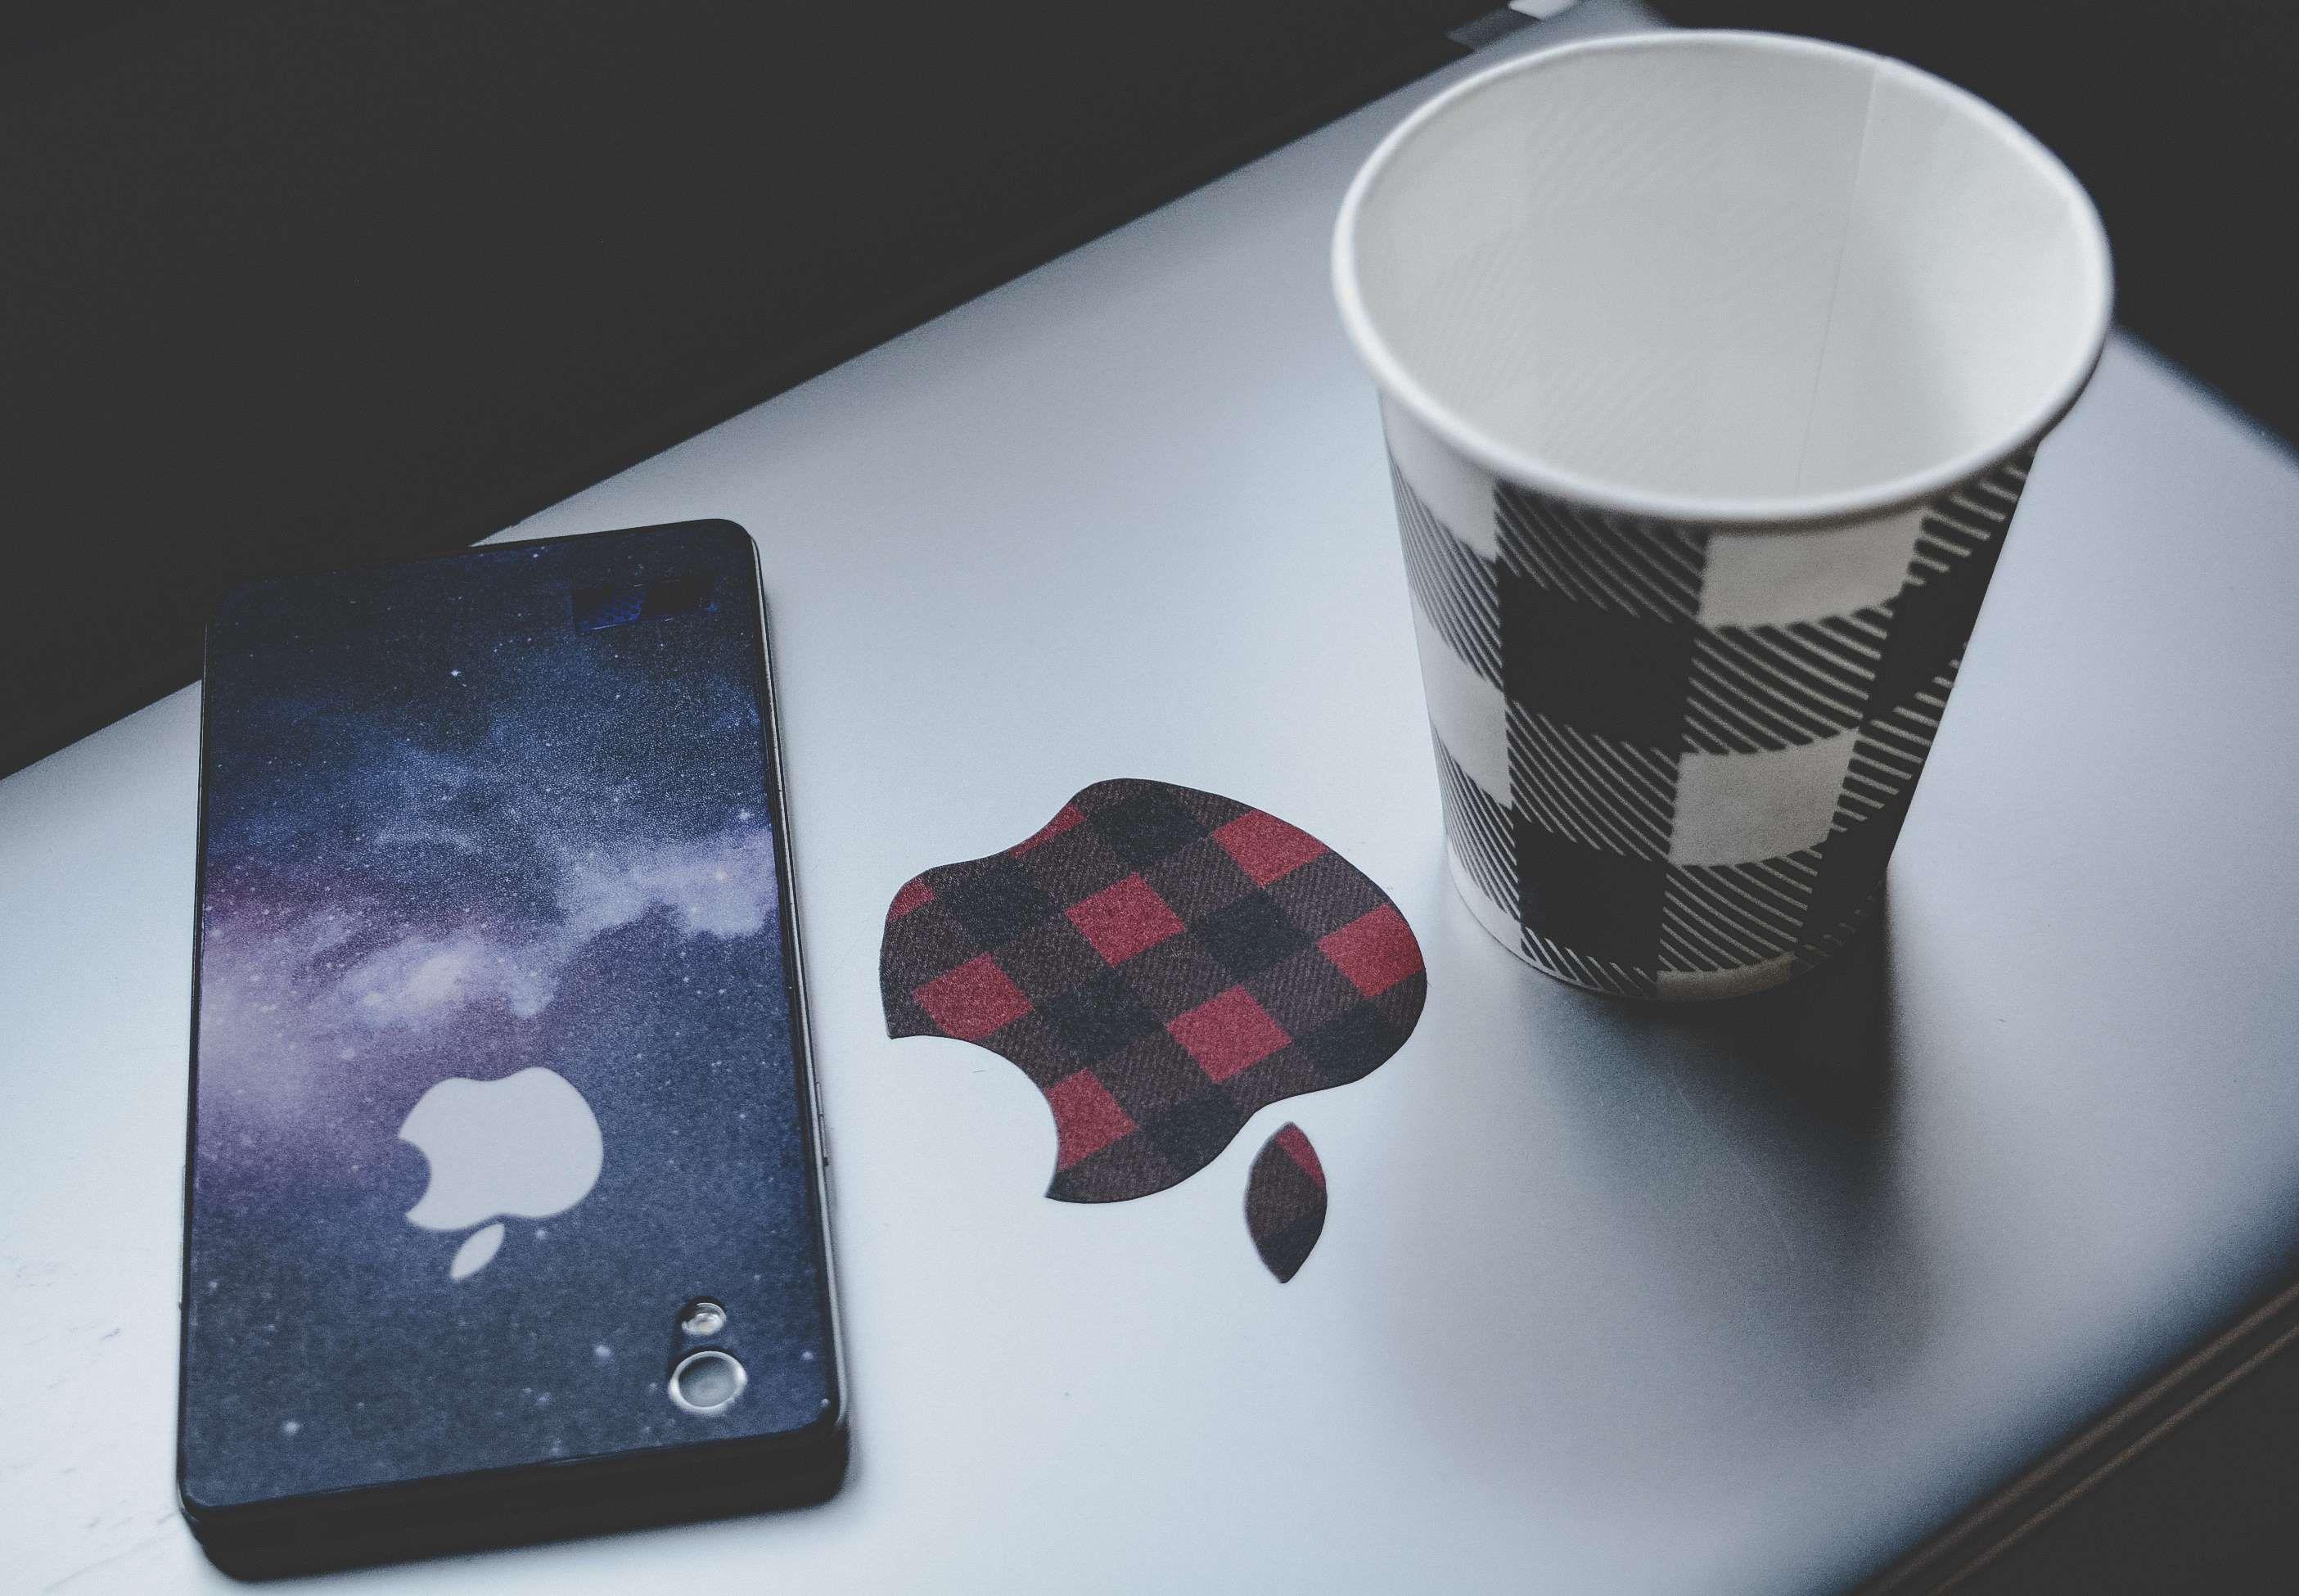 #apple #gadgets #macbook